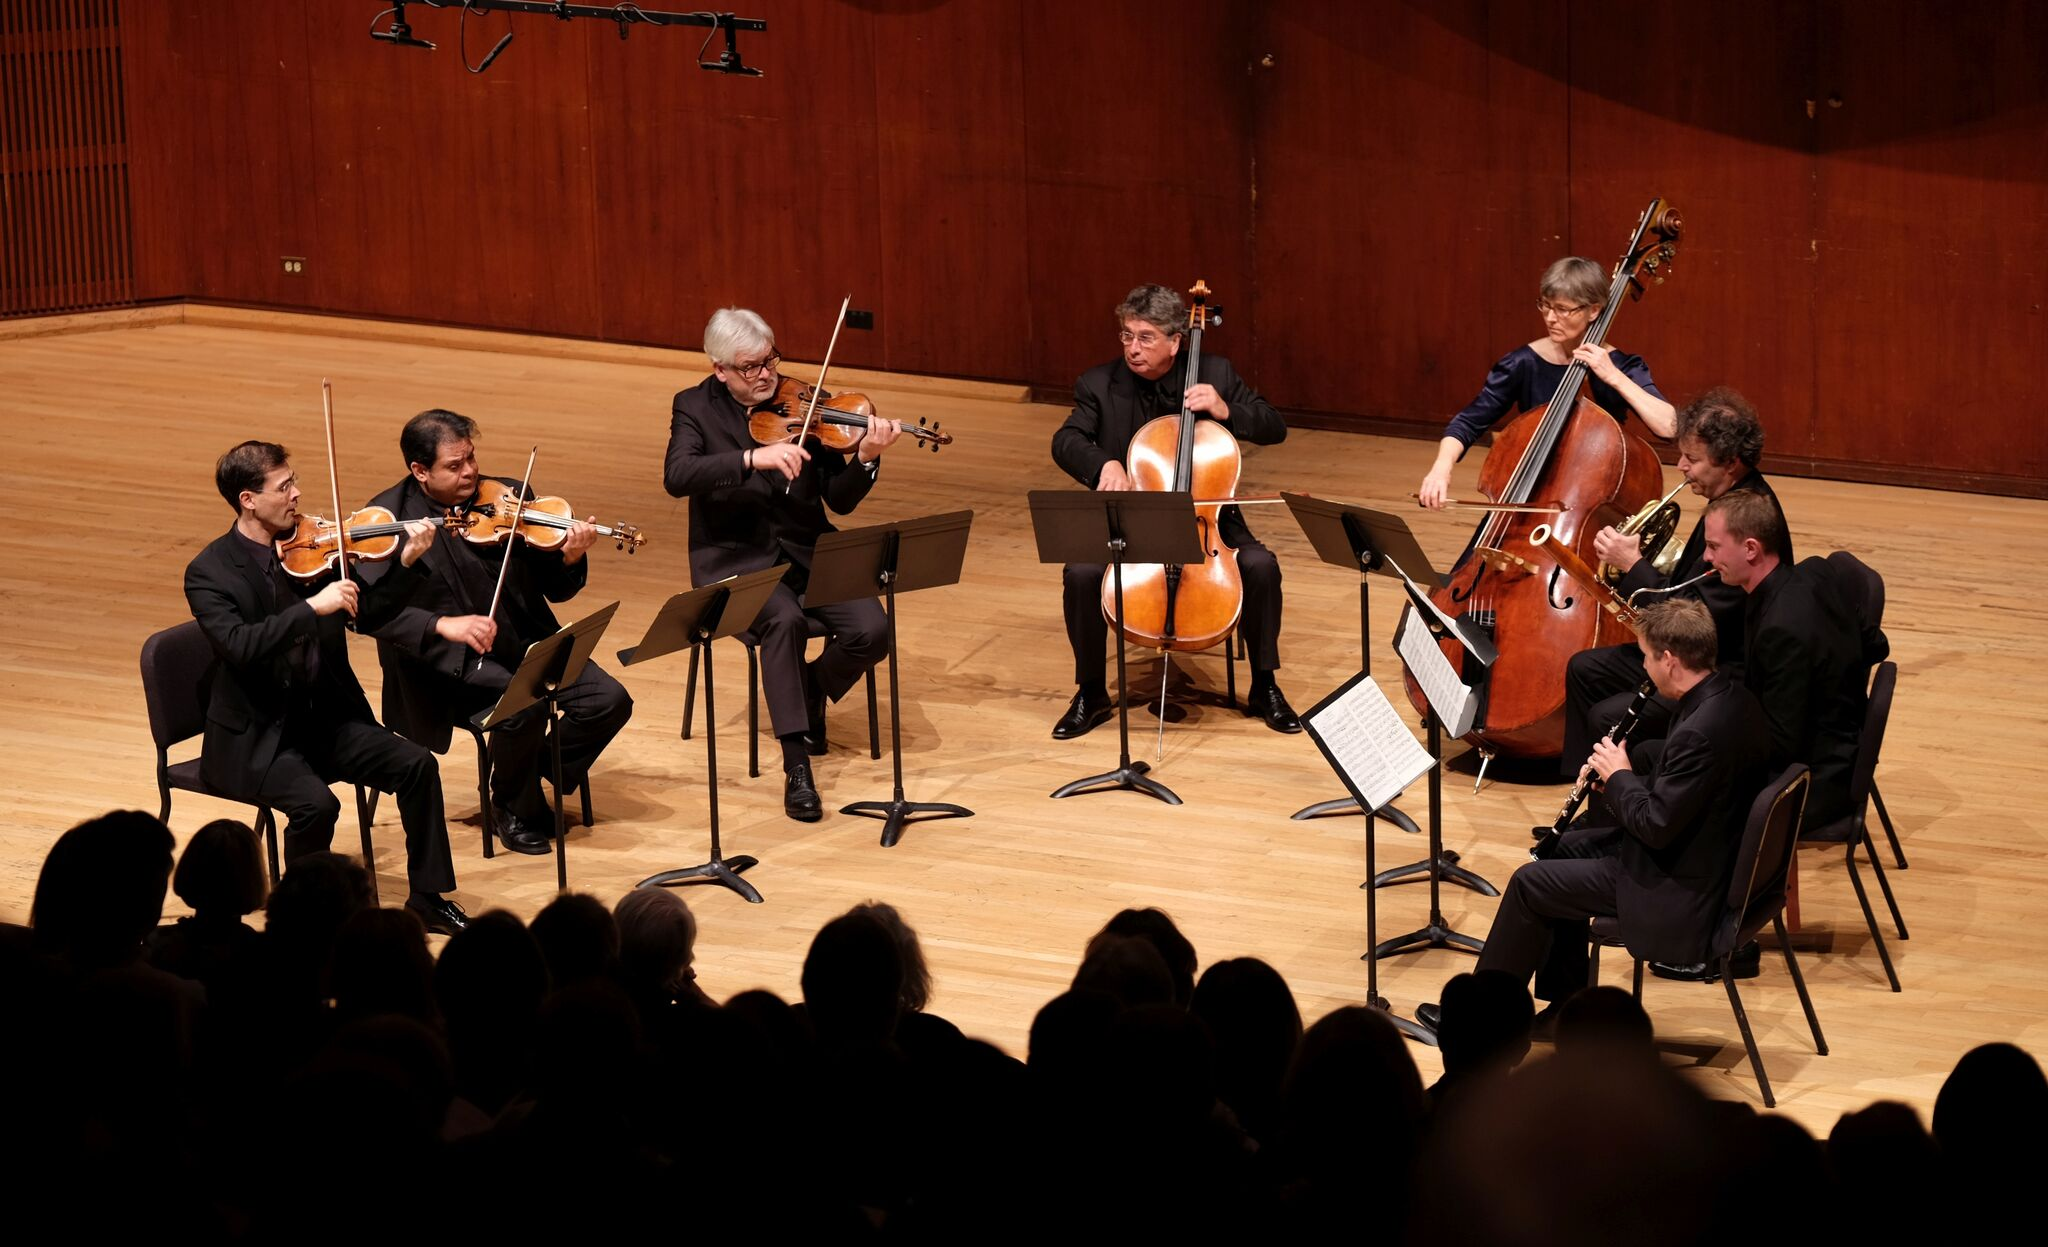 Un Mozart un tanto decepcionante en la Quincena